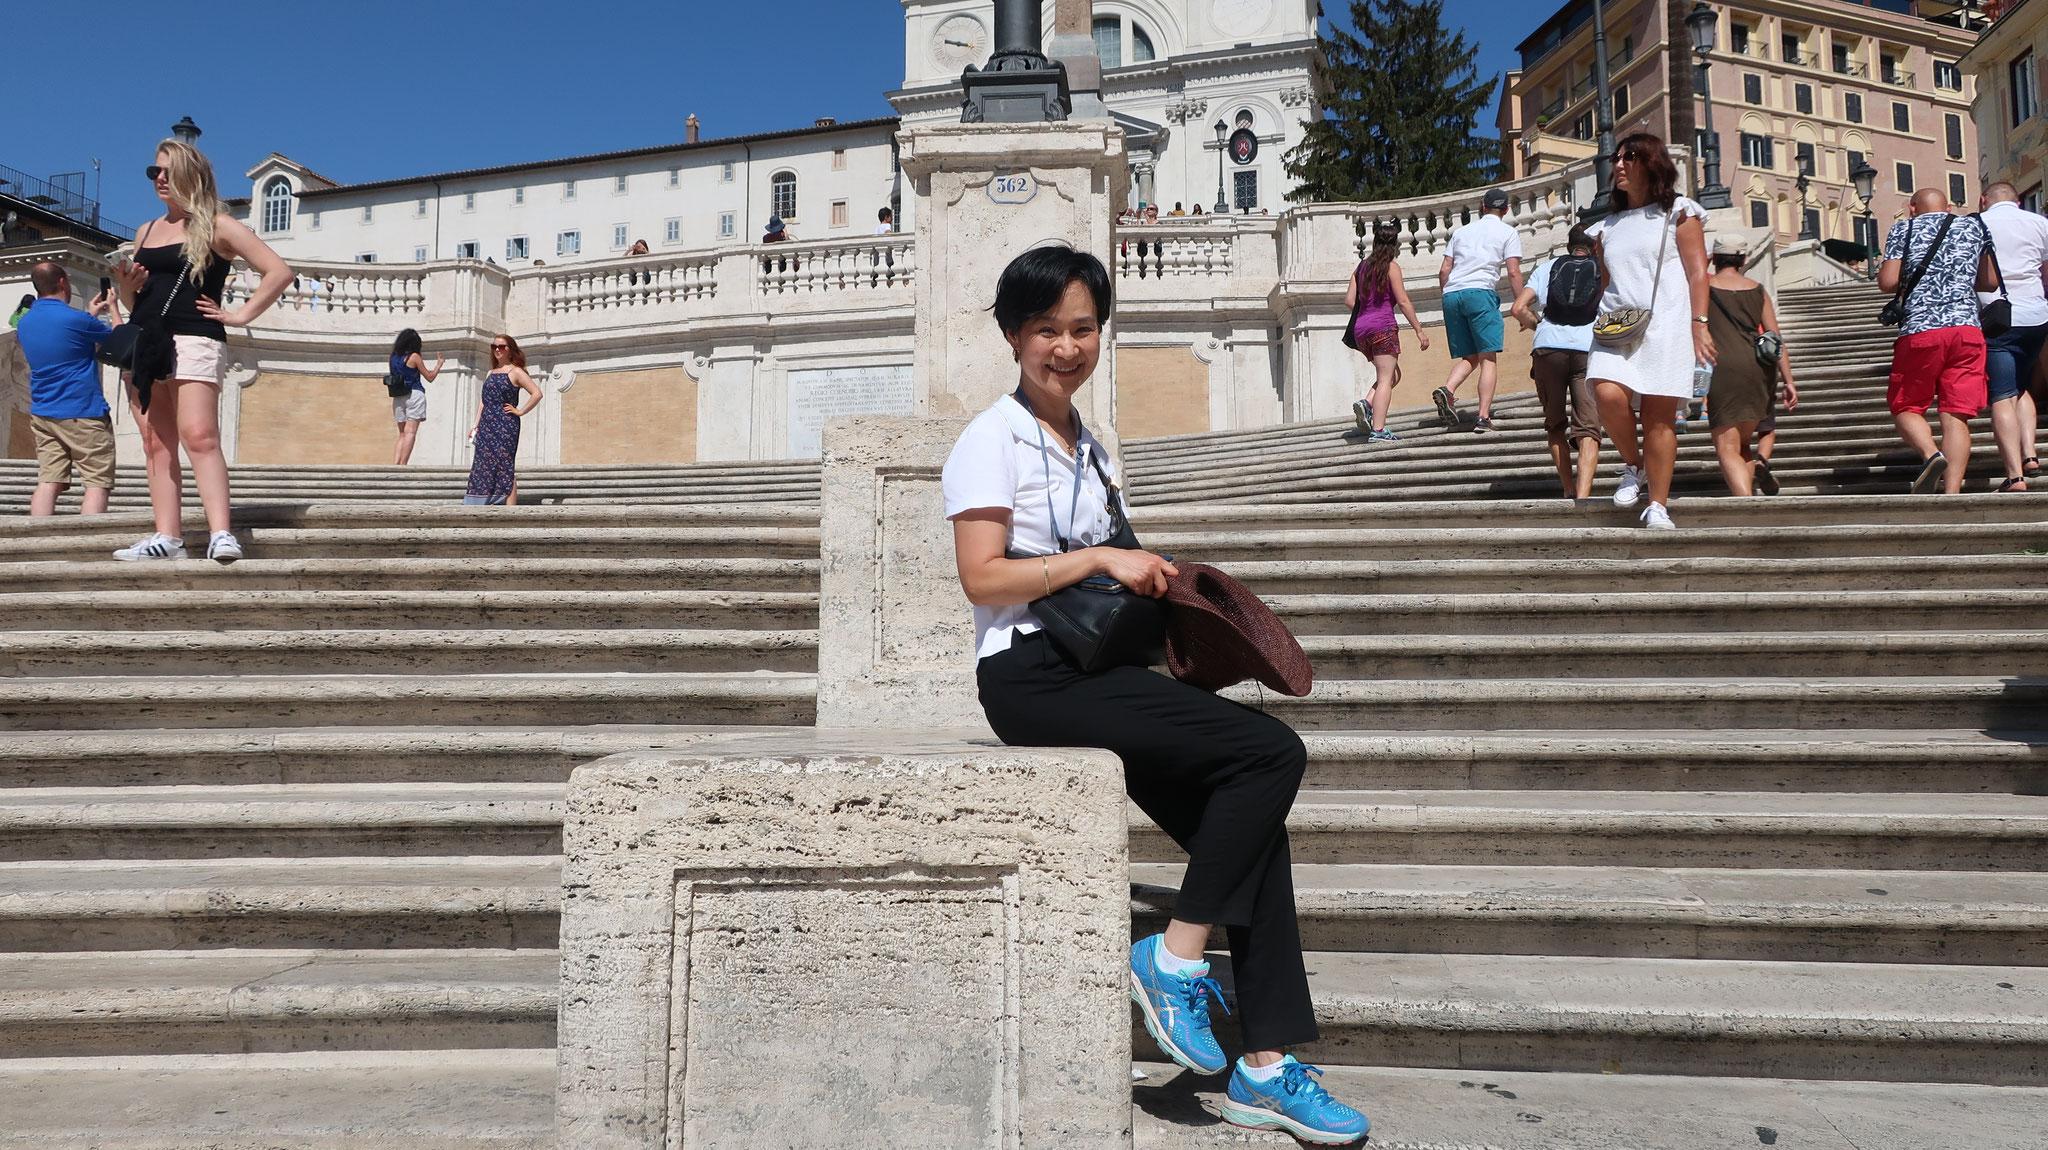 「ローマの休日」でオードリー・ヘップバーンがここに座ってアイスクリームを舐めている時にグレゴリー・ペックが声を掛けました。すると、彼女は、手に持っていたコーンをポイ捨てしました!